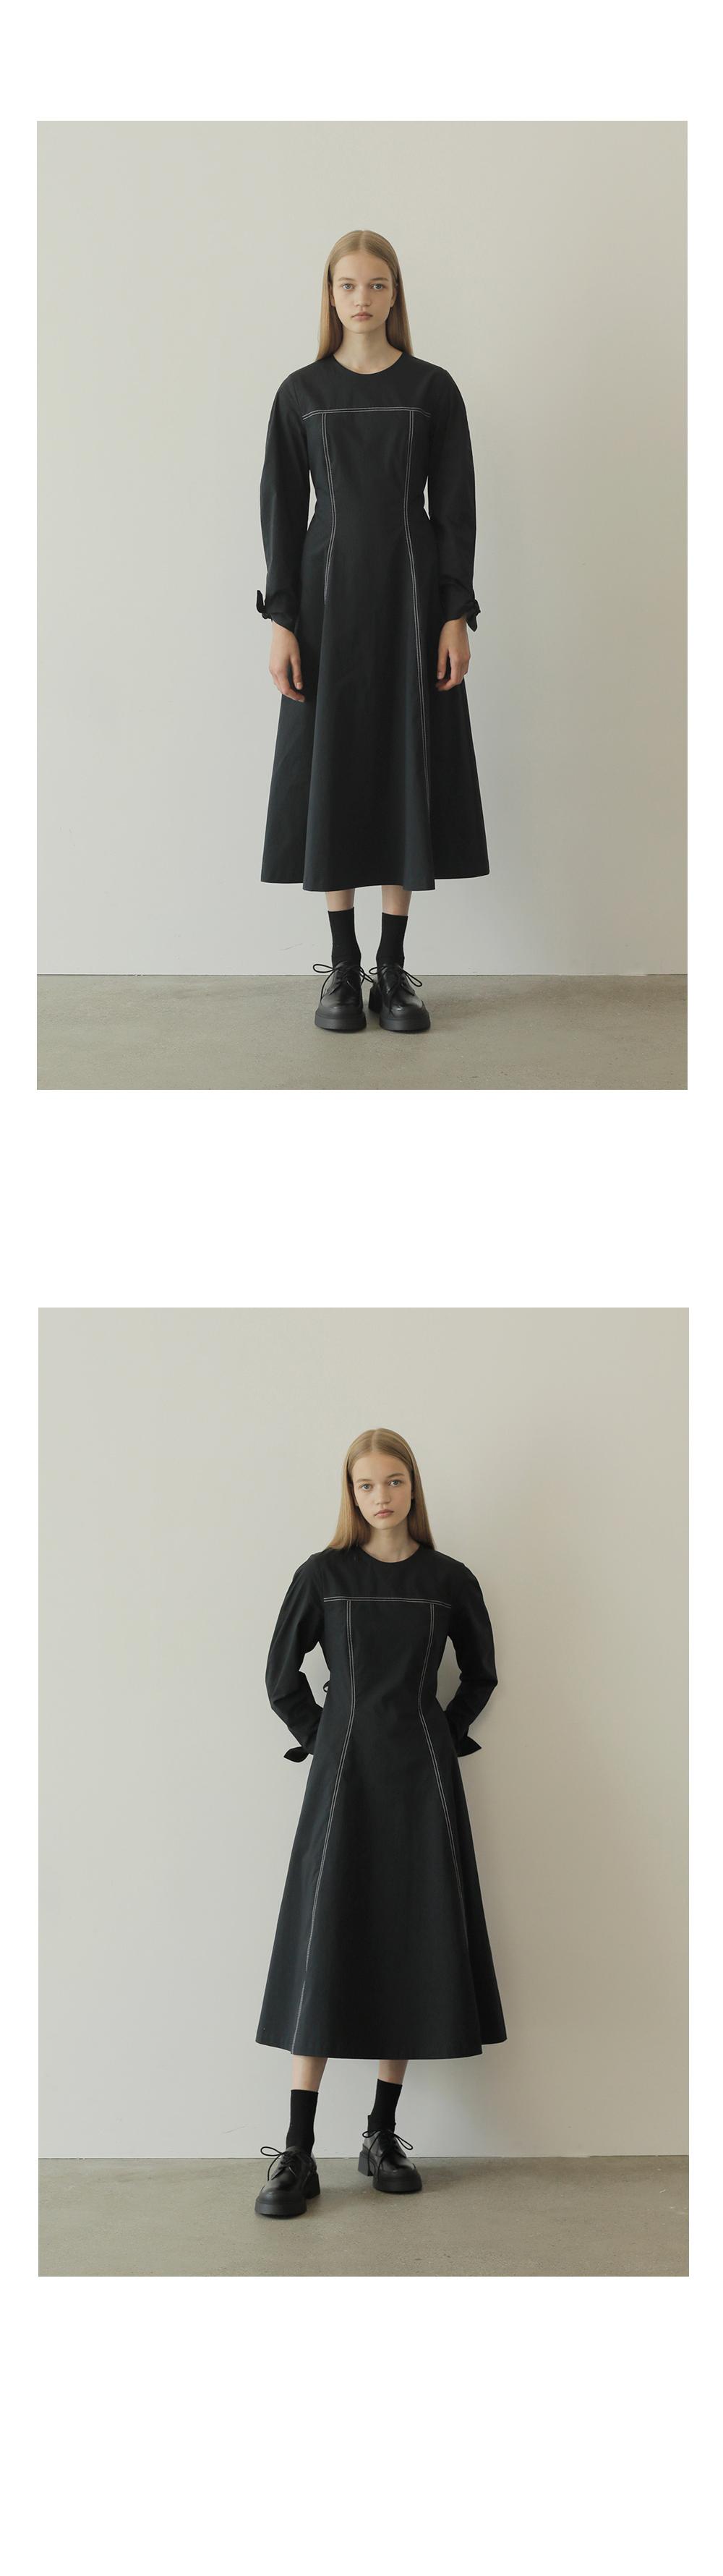 드레스 모델 착용 이미지-S1L11